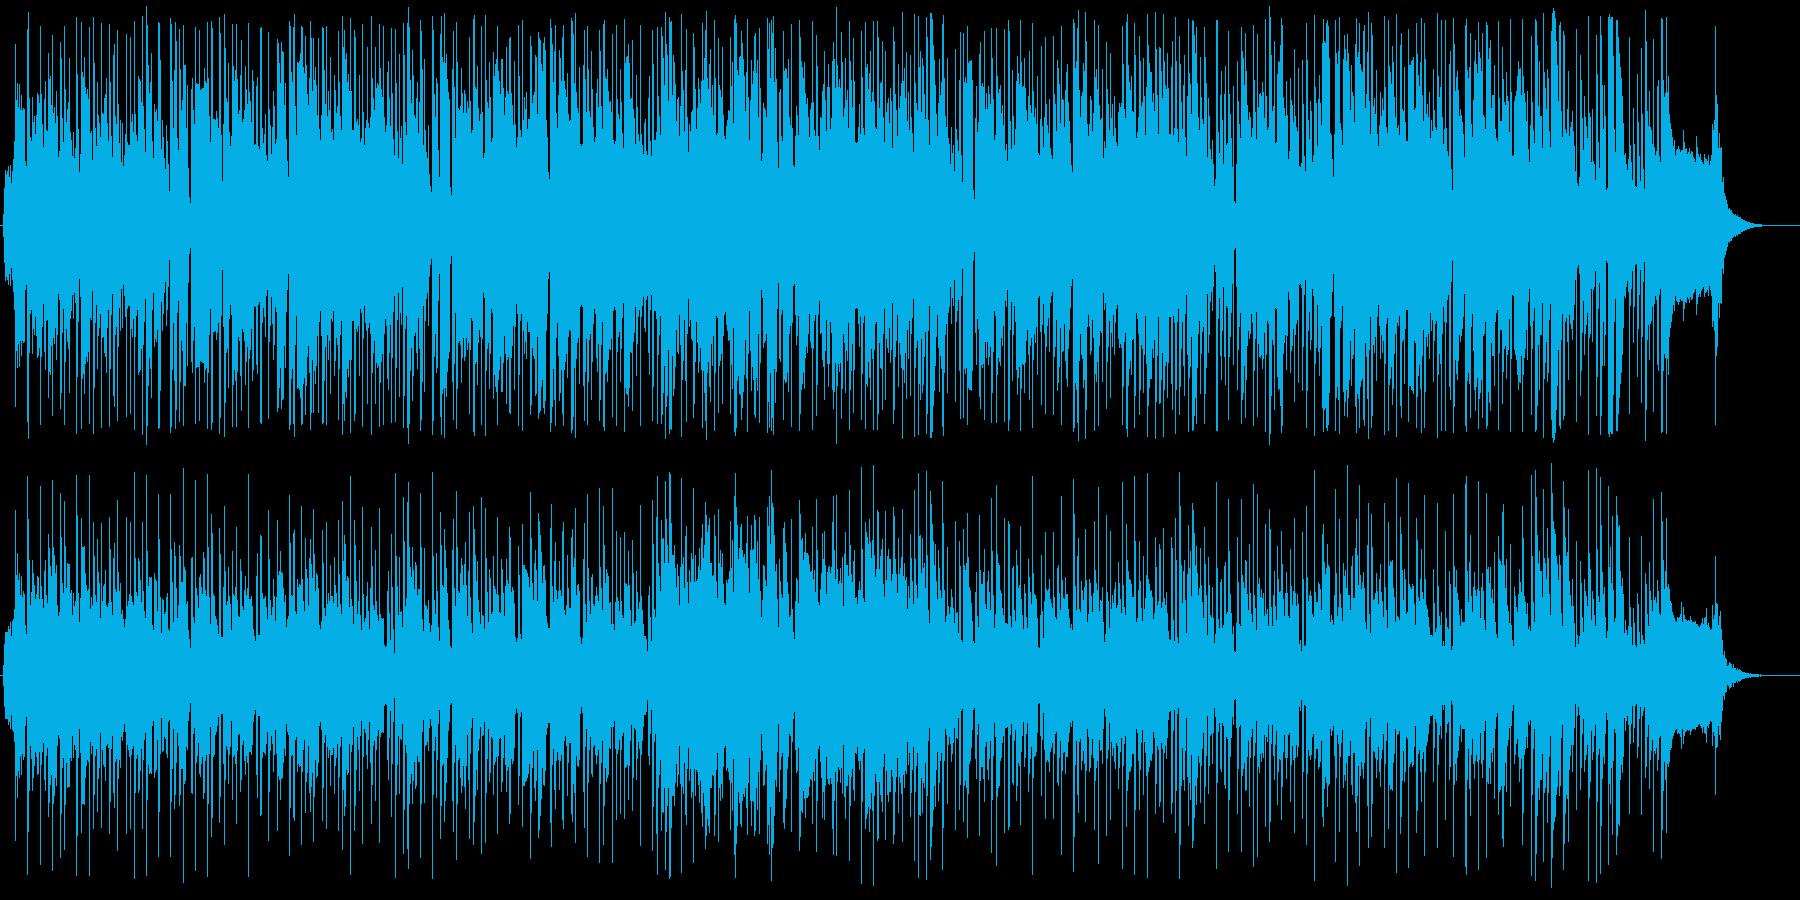 まったり癒やされるほのぼのポップスの再生済みの波形